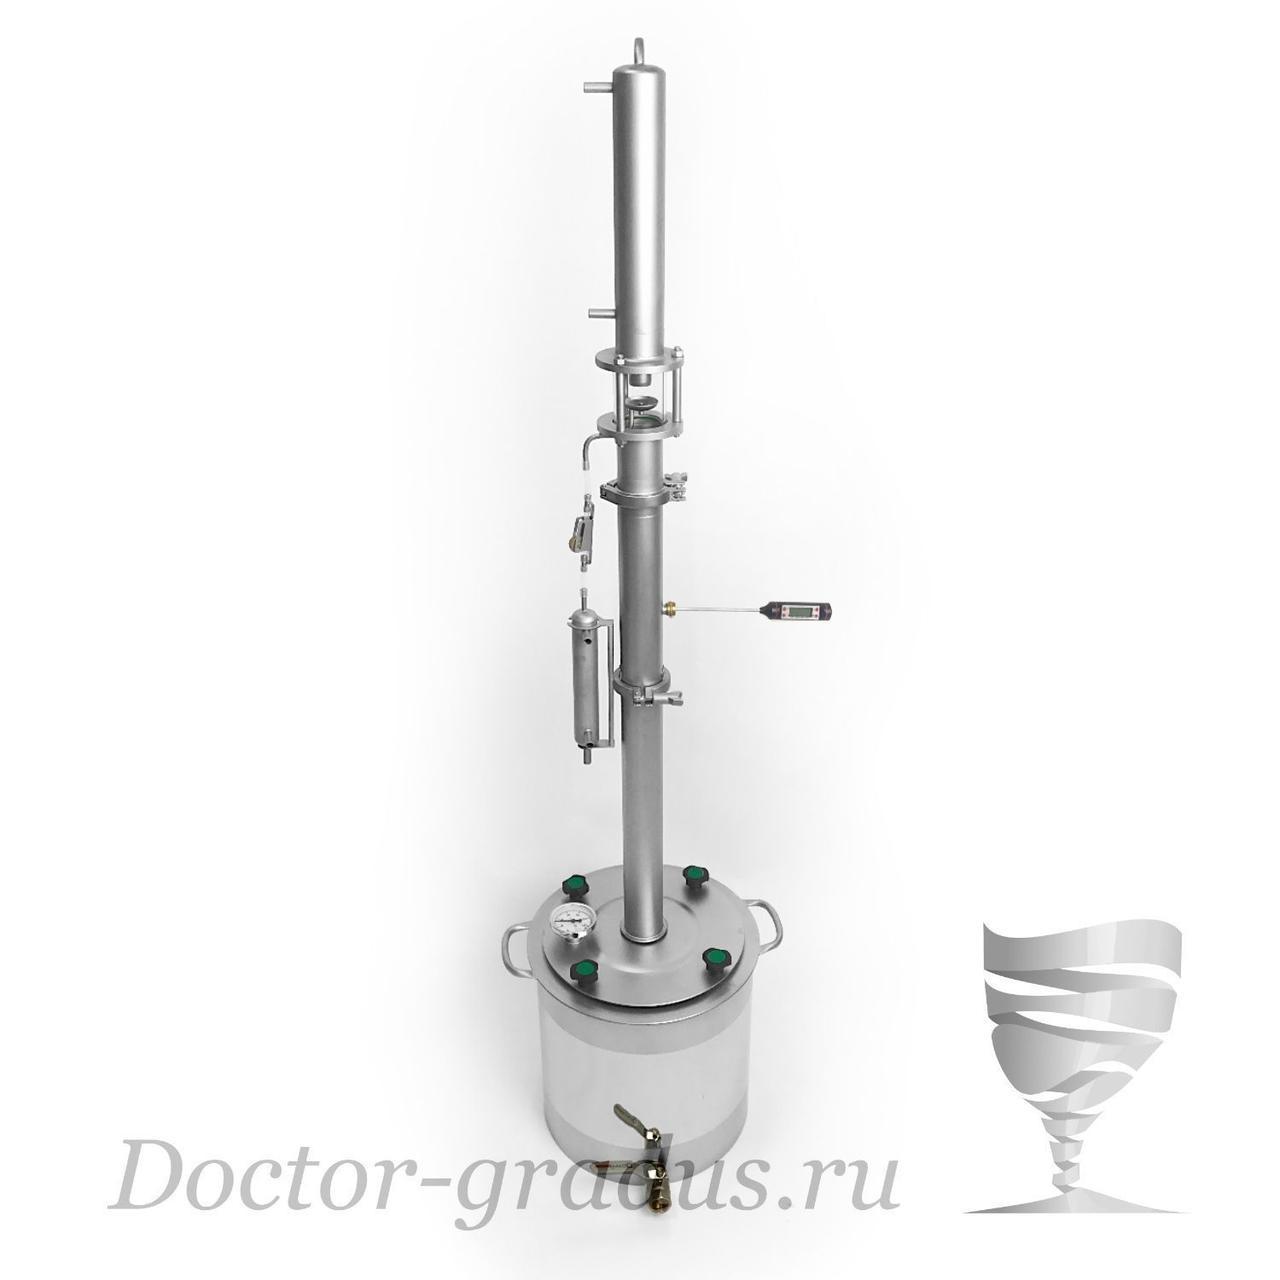 """Дистиллятор  Доктор Градус """"Стиллмен-Космо"""" с кубом 36 литров"""